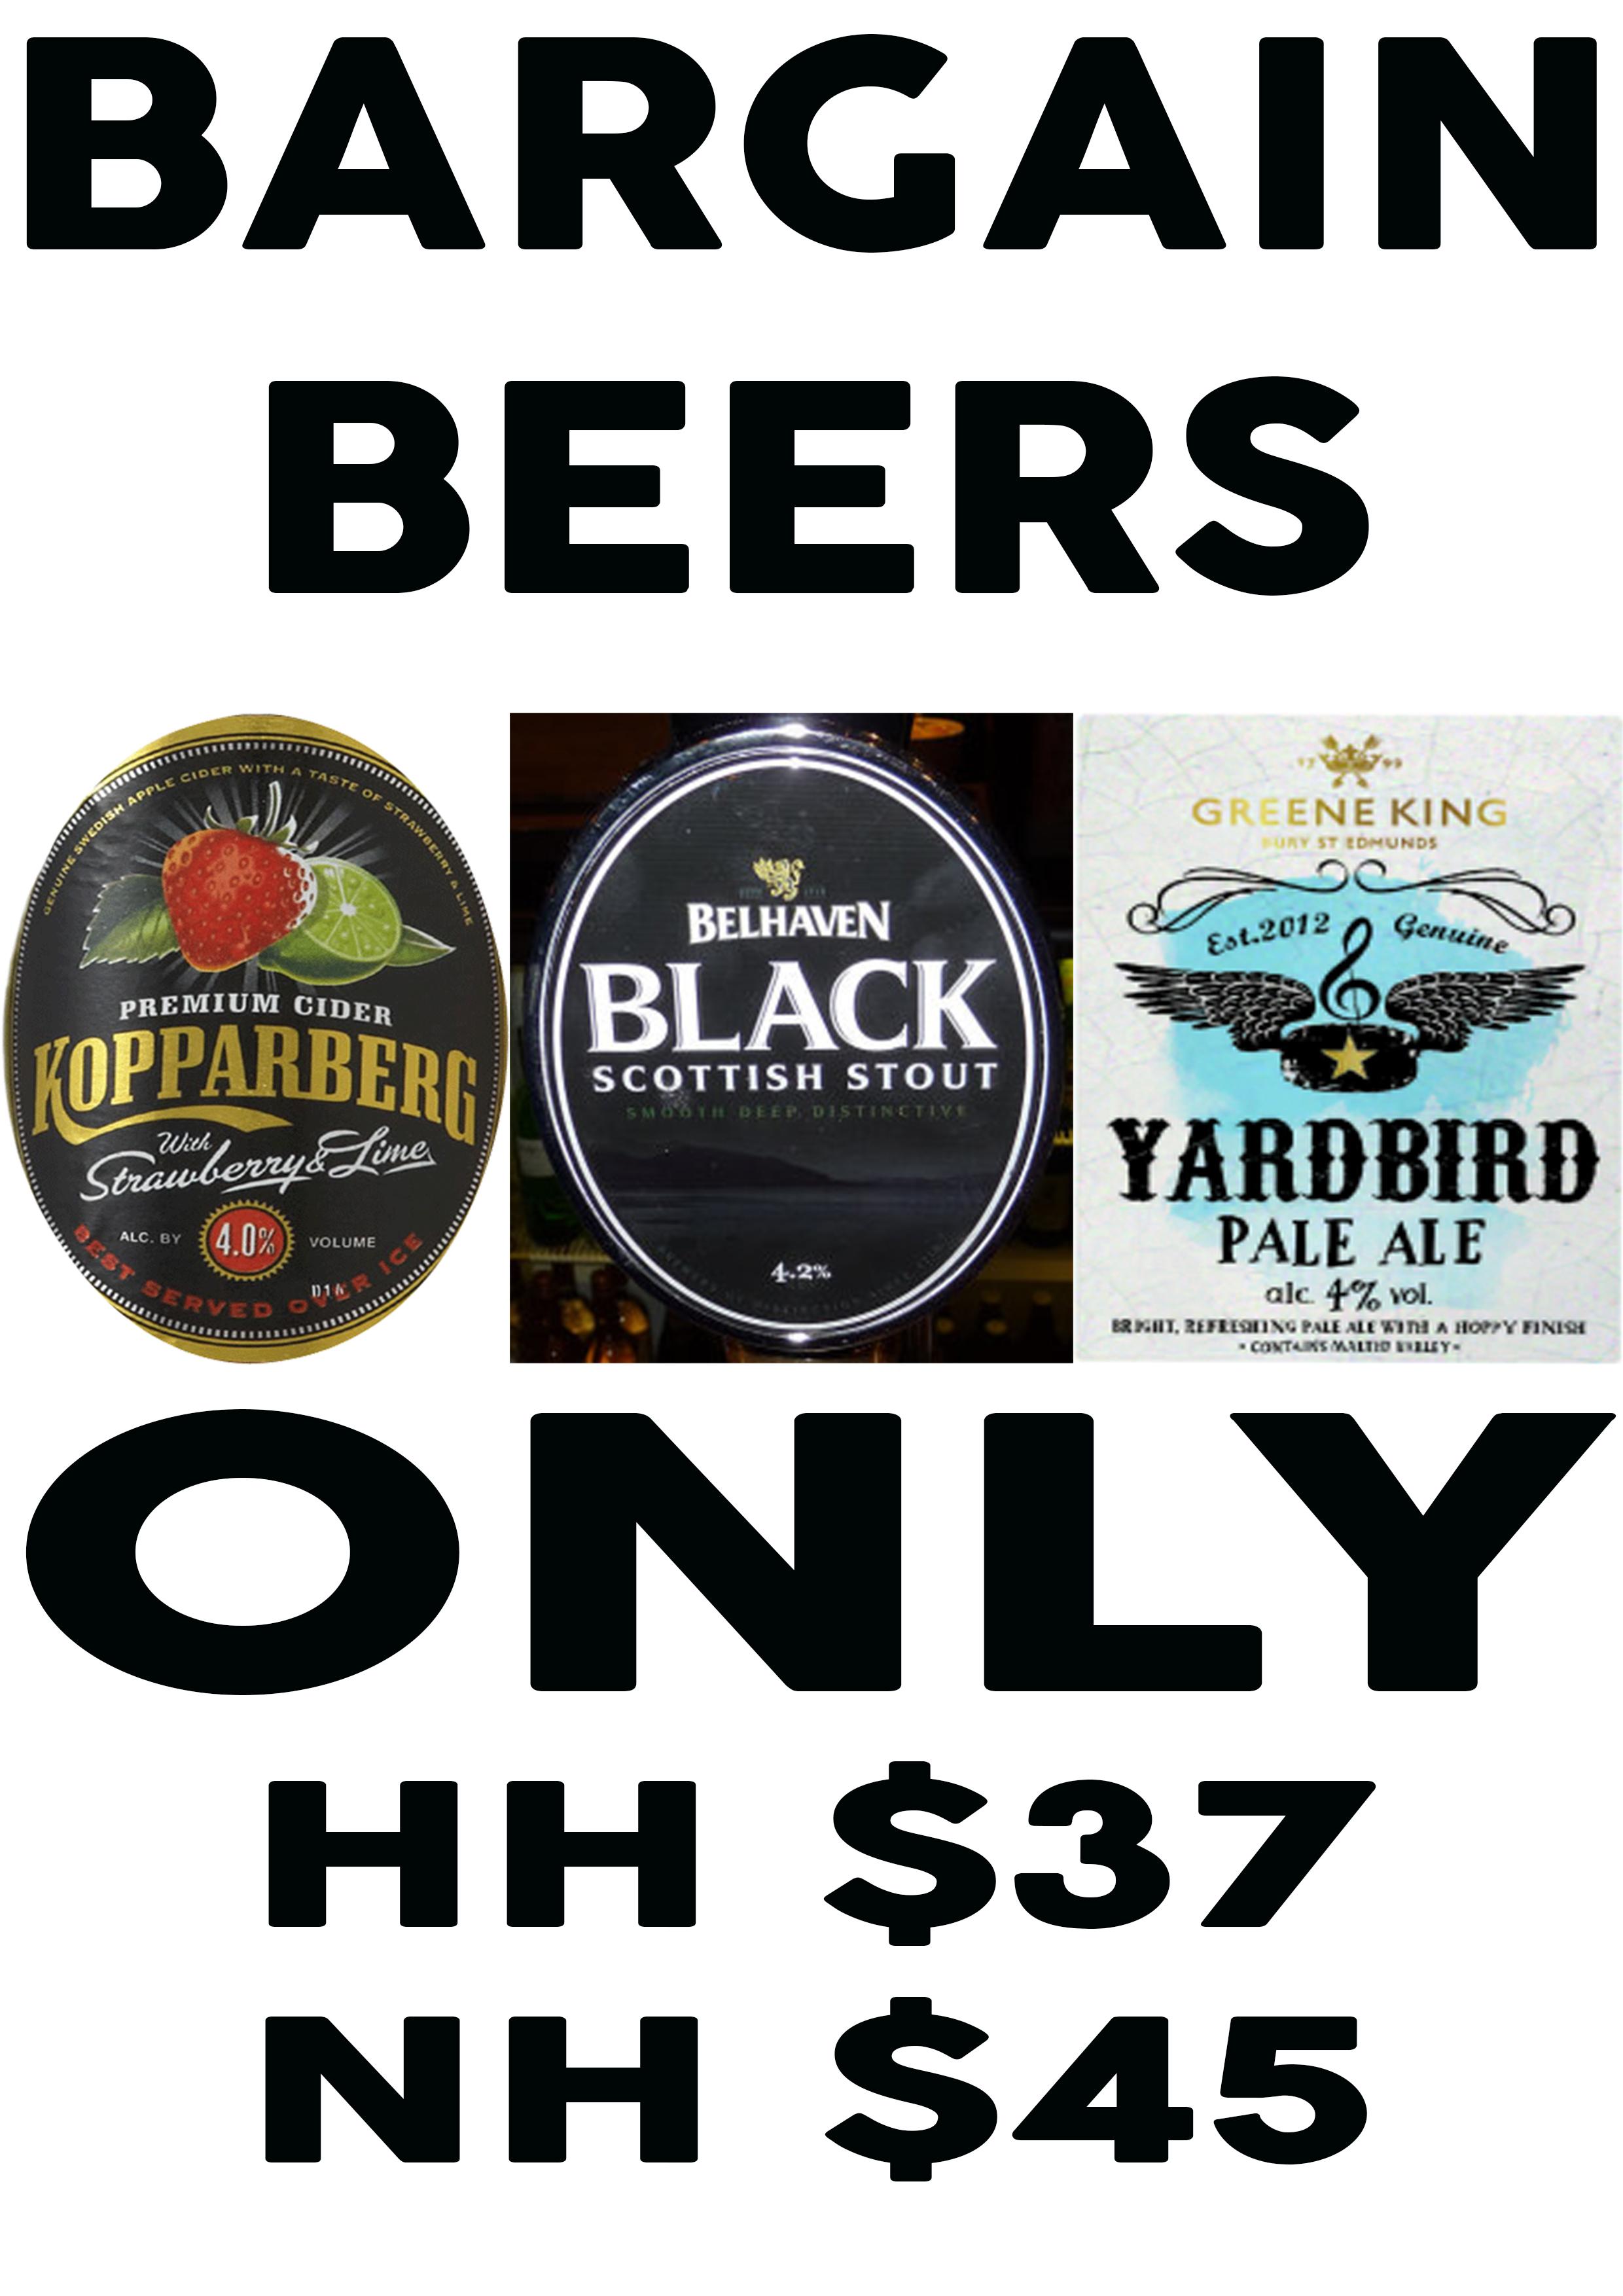 Bargain Beers.jpg